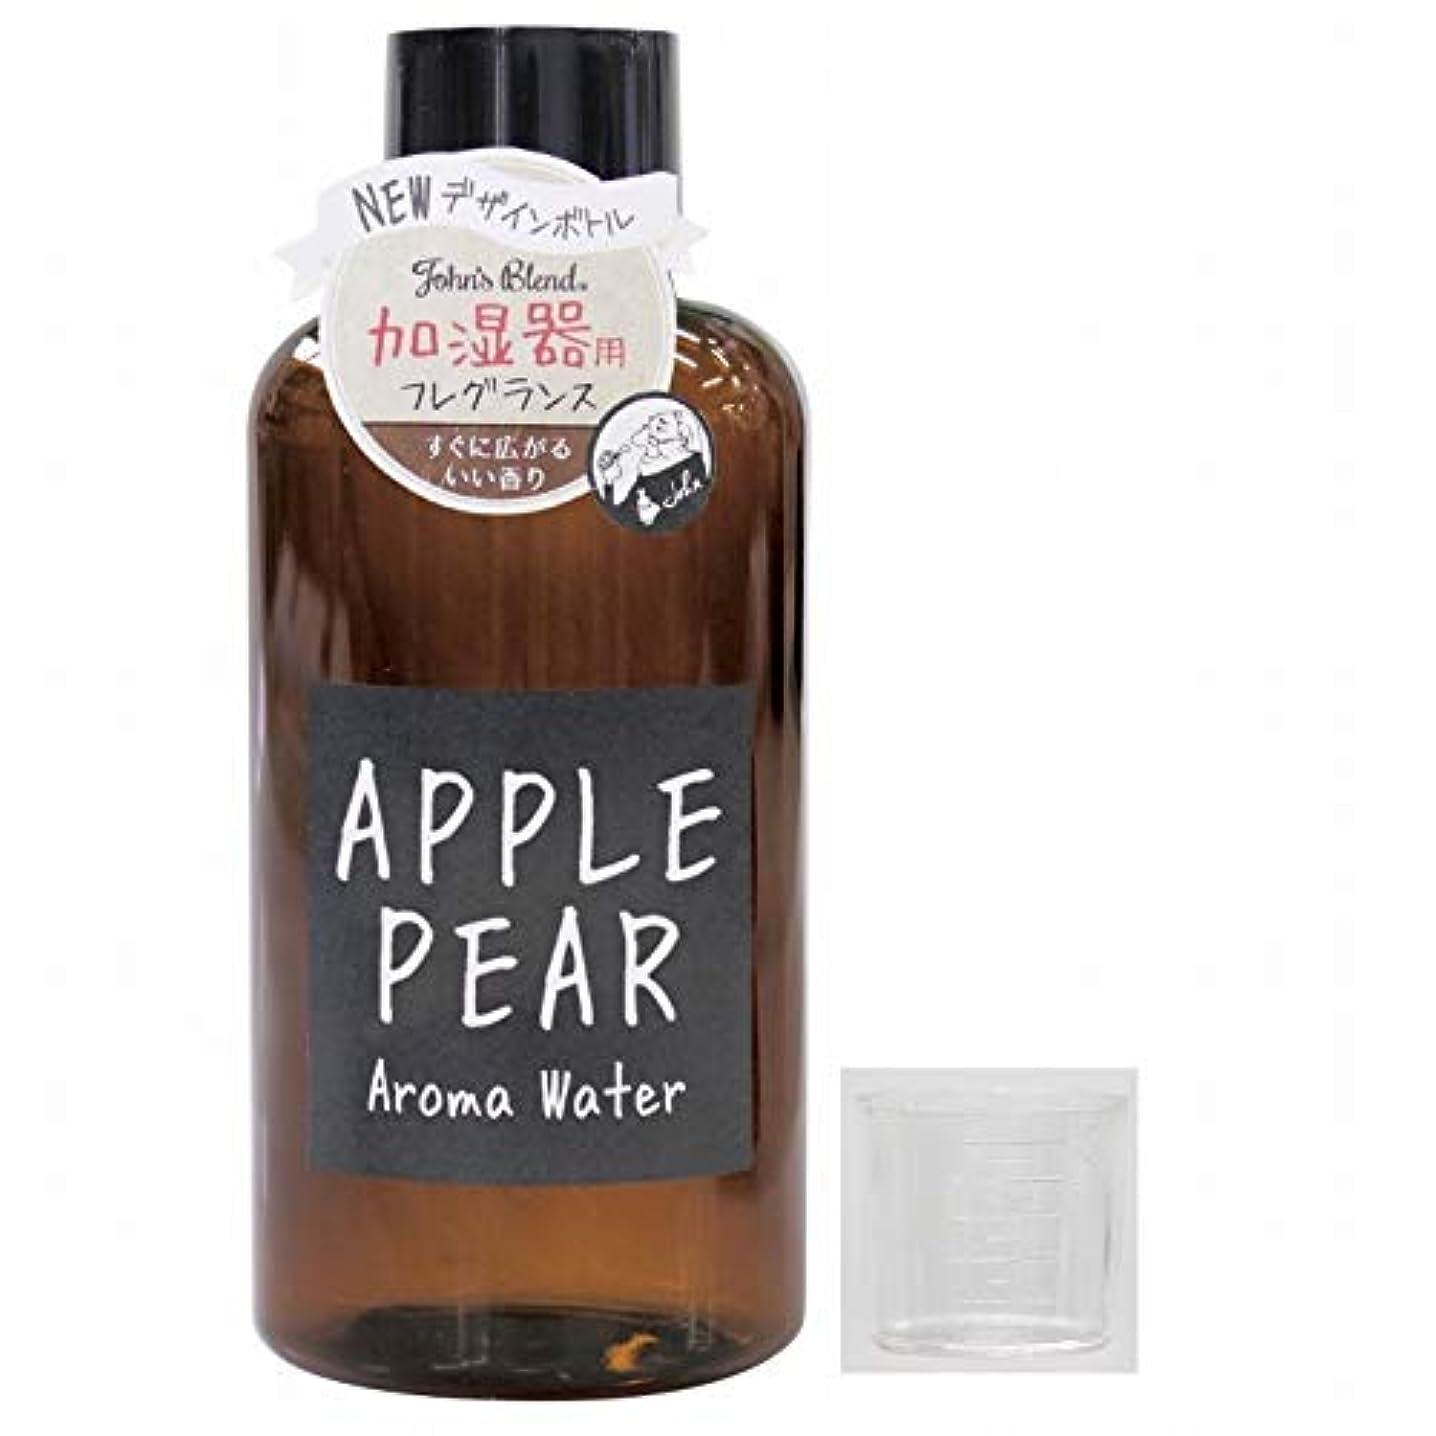 かわす化学薬品勧める【計量カップ付き】 JohnsBlend(ジョンズブレンド) アロマウォーター 加湿器用 520ml アップルペアーの香り OA-JON-12-4 【計量カップのおまけつき】